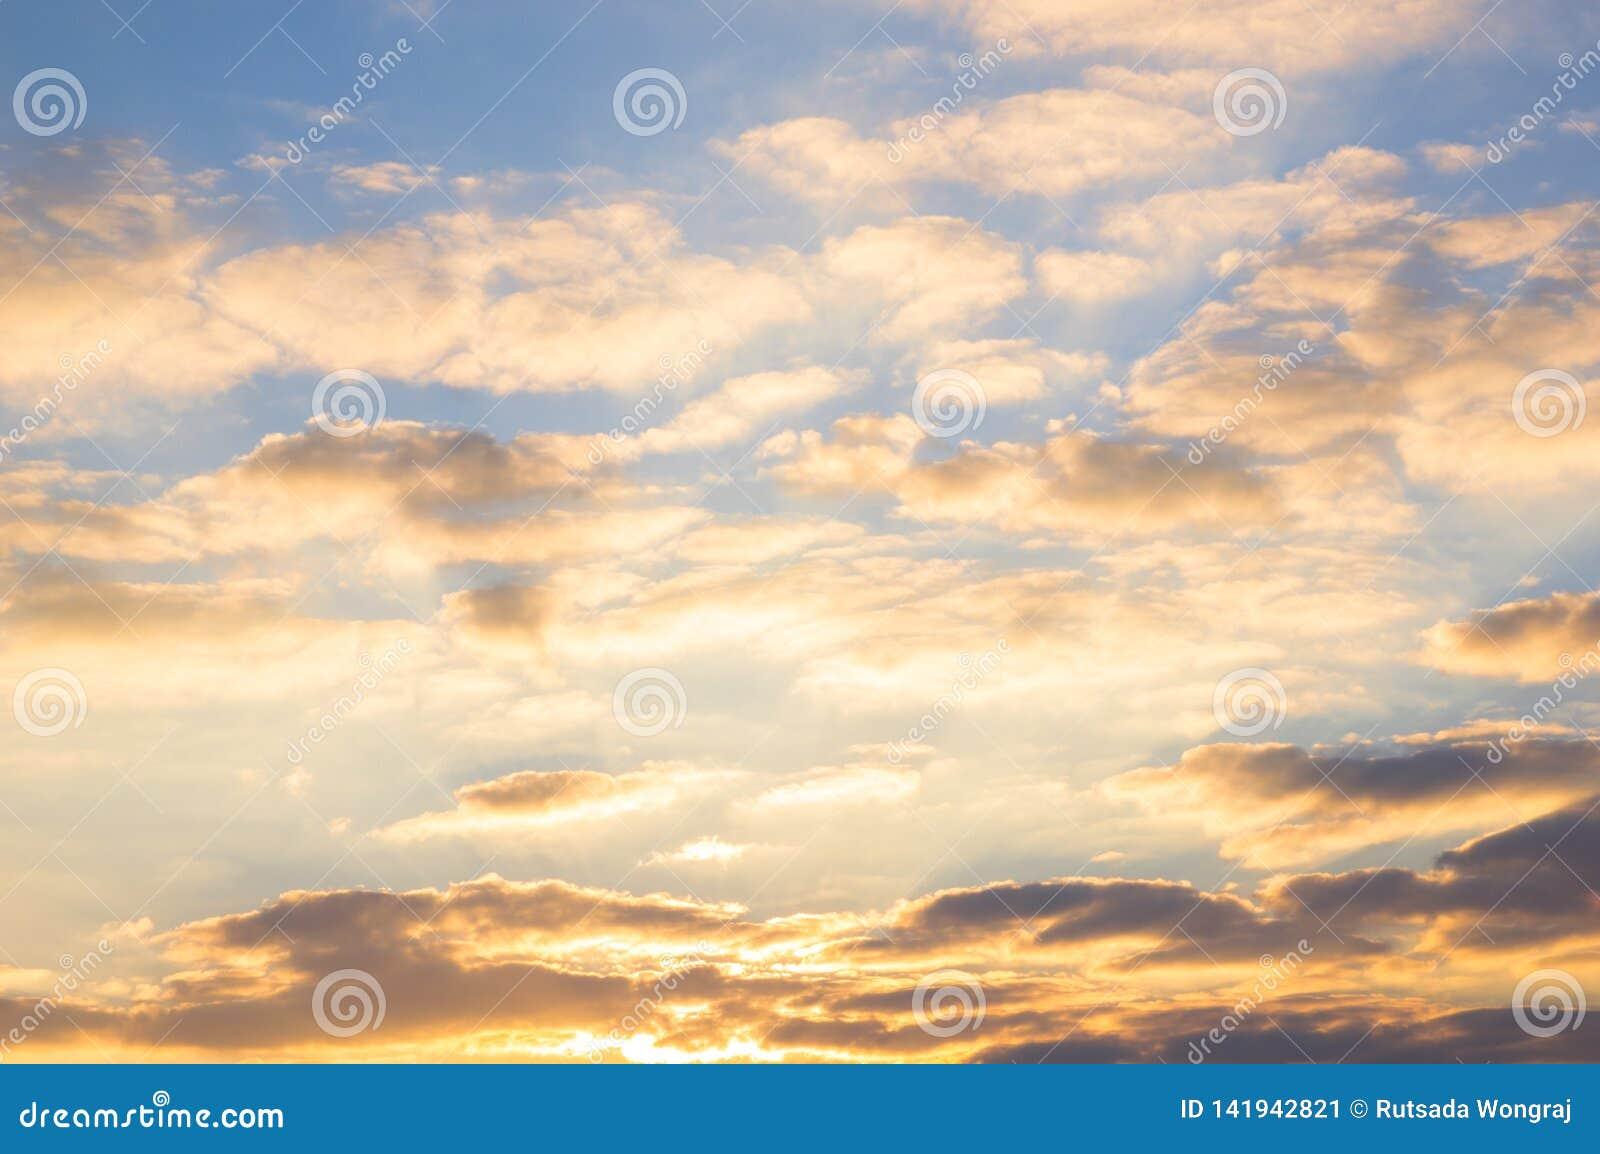 Céu azul e nuvens douradas no nascer do sol bonito